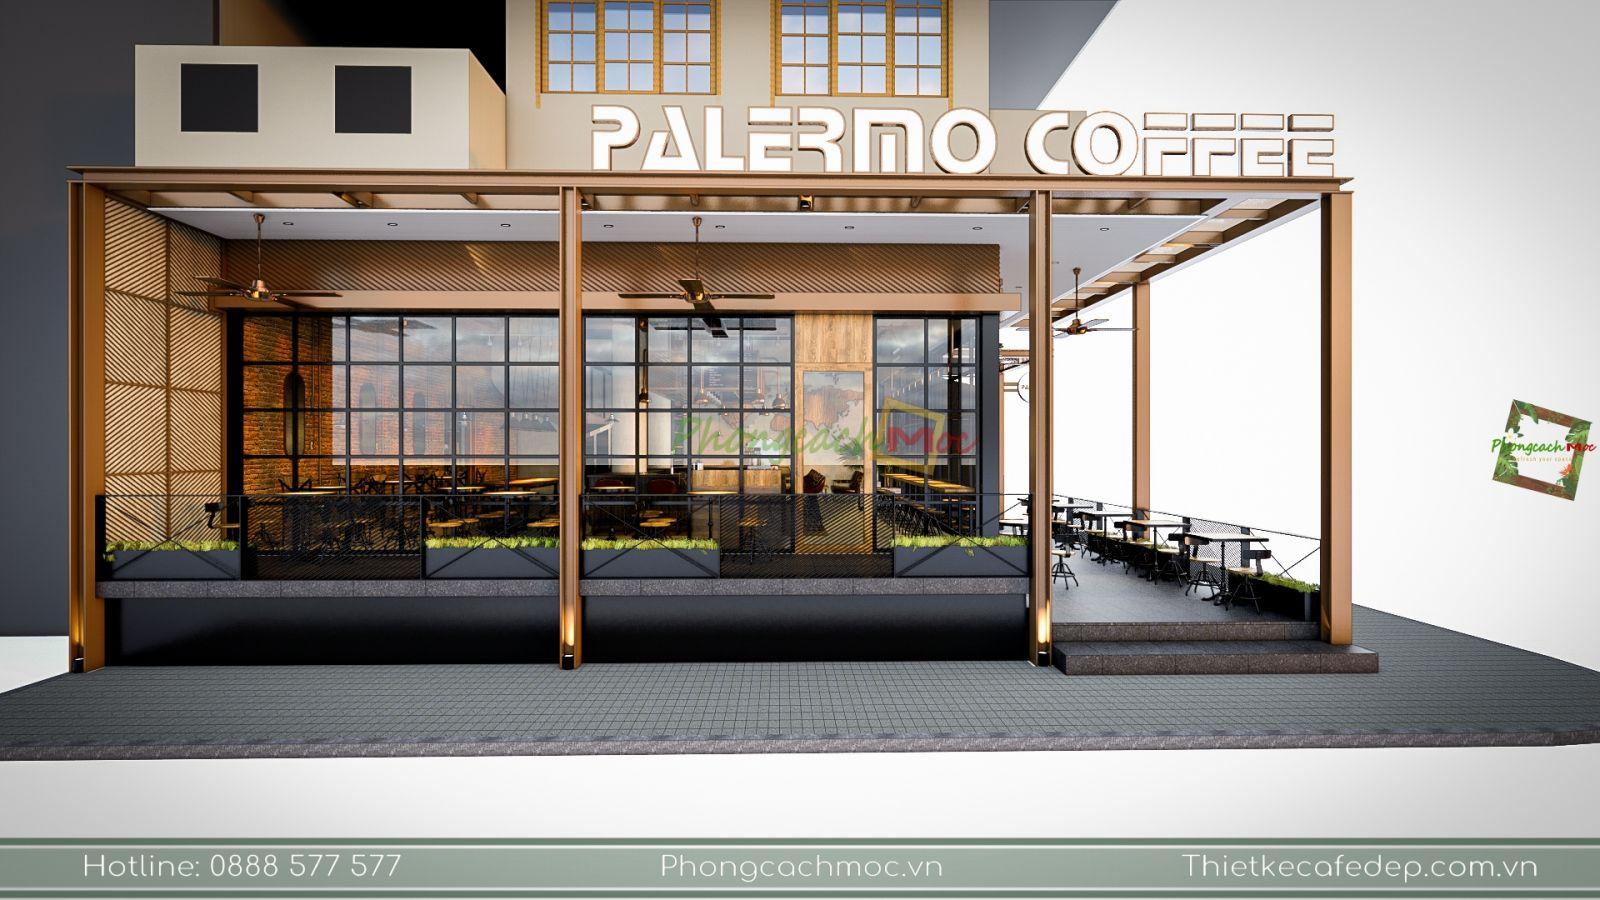 dự án thiết kế quán cafe 2 mặt tiền palermo coffee tại bình thạnh tphcm